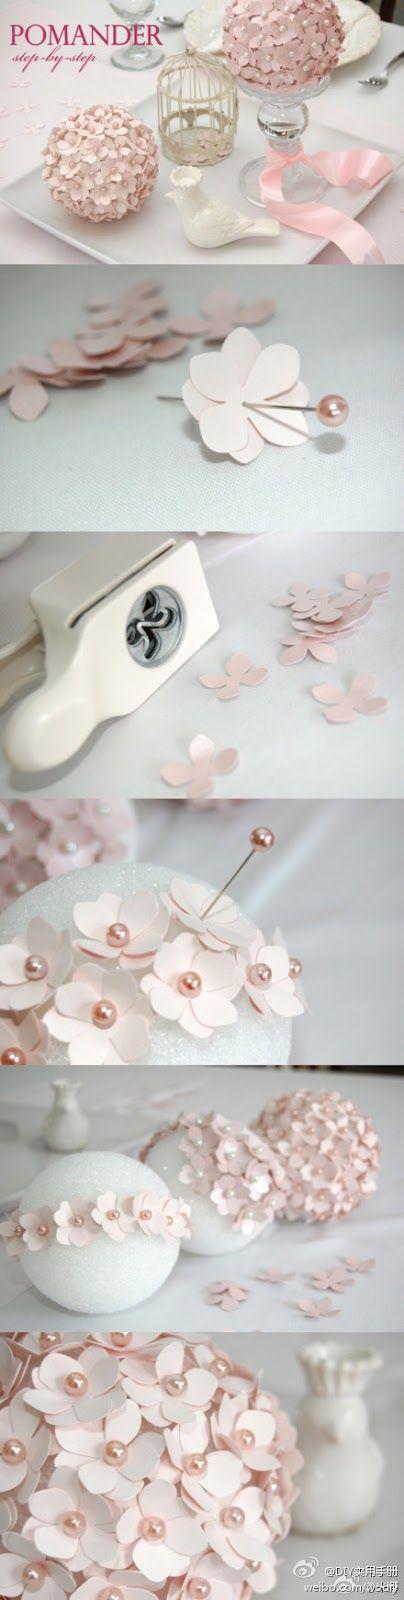 Arranjo de flores de papel decoração de casamentos e chá de bebê: